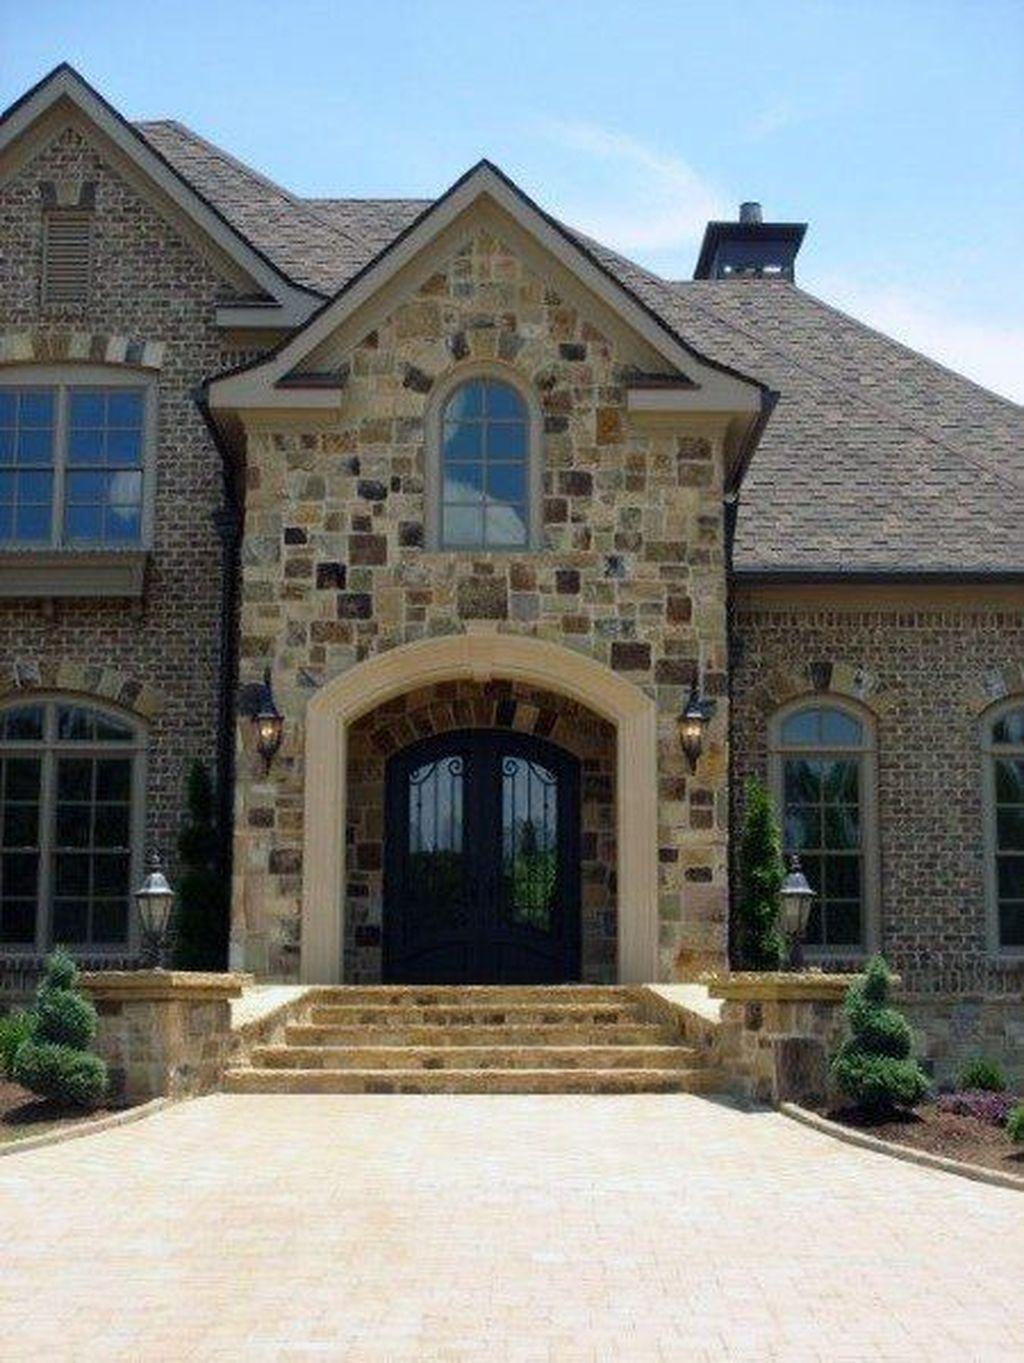 40 Pretty Stone House Design Ideas On A Budget House Exterior Brick Exterior House Cladding Design